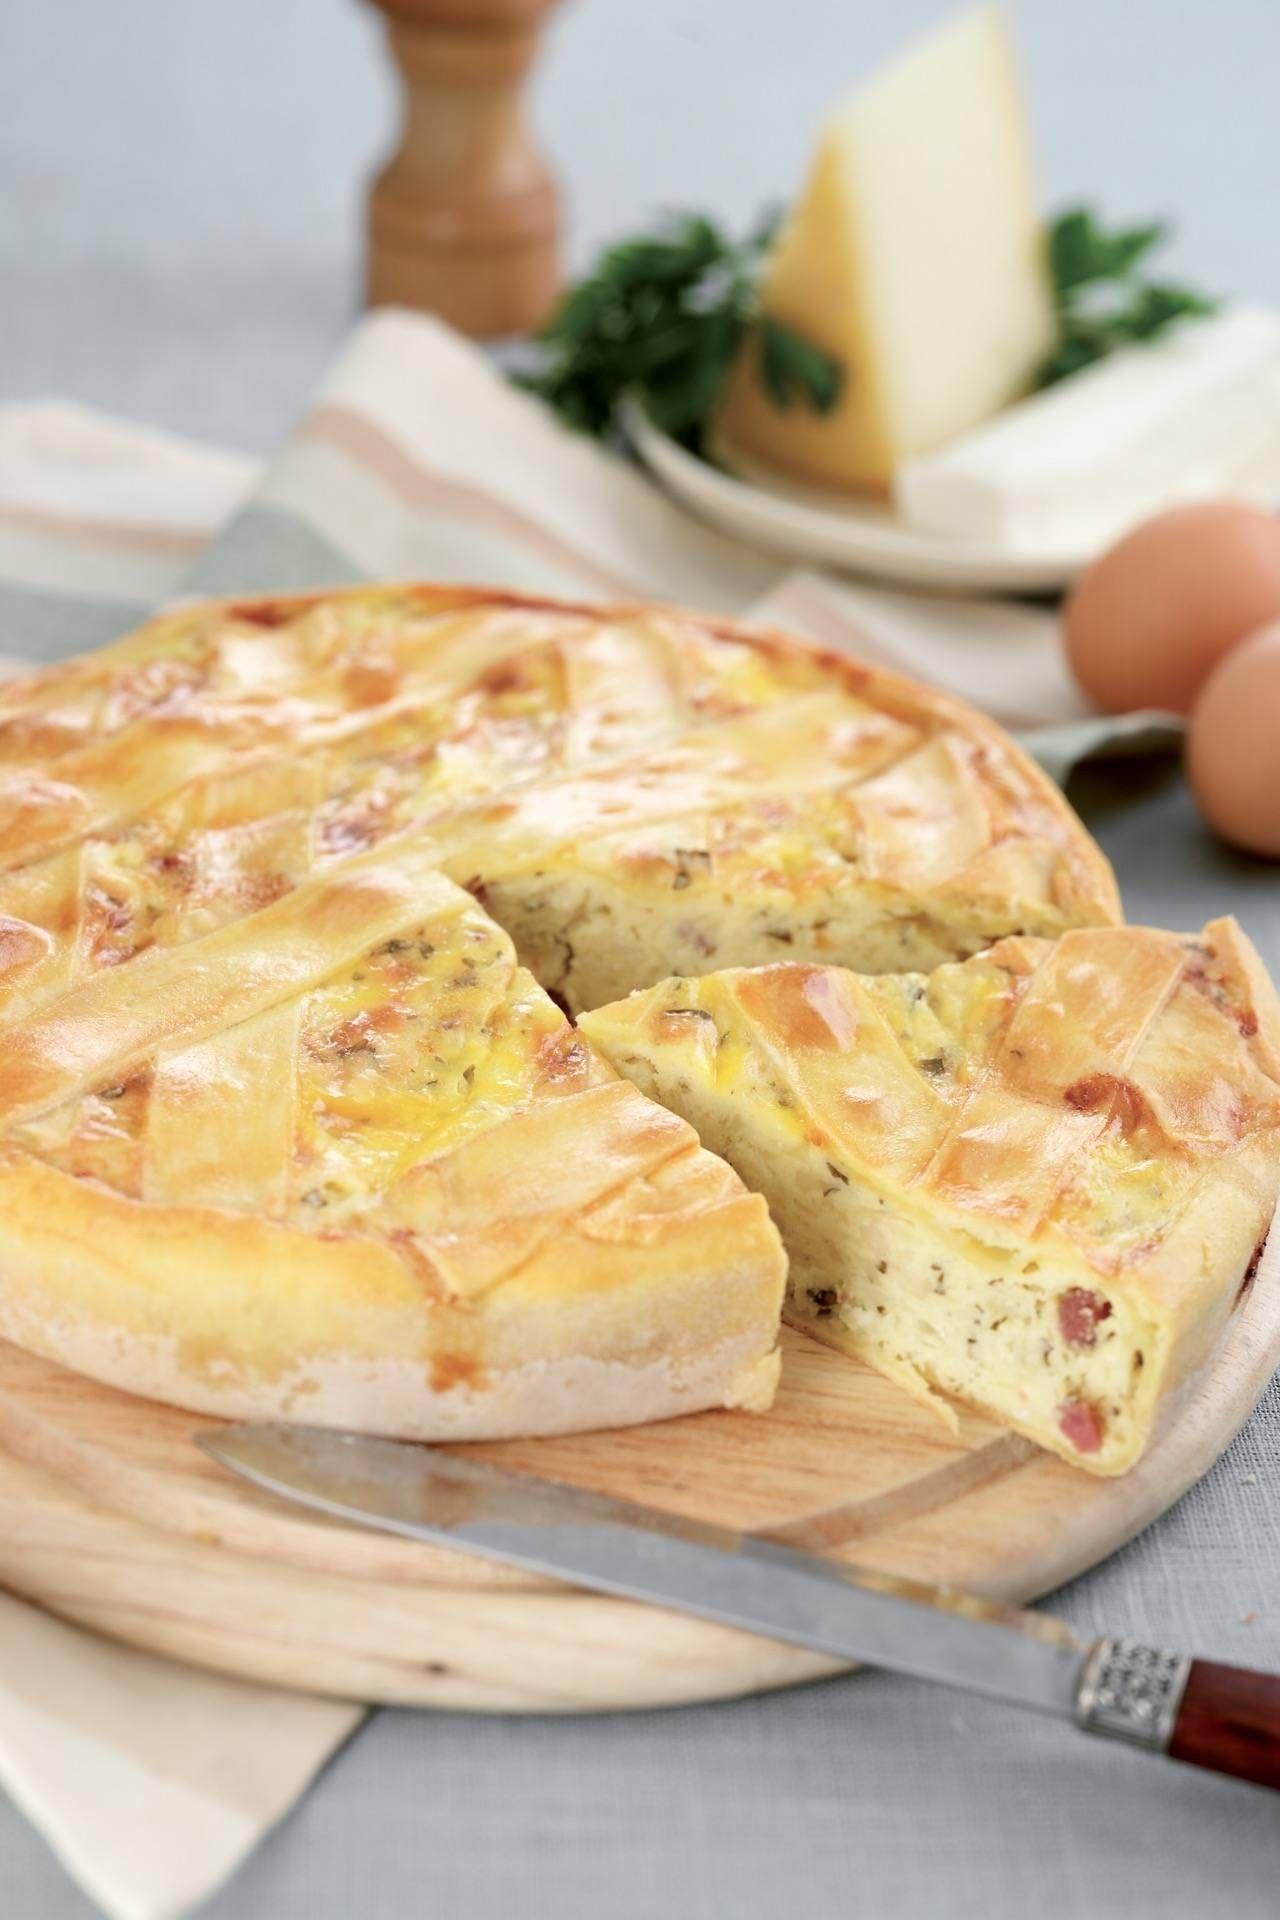 Torta rustica con ricotta e salame - Parmalat